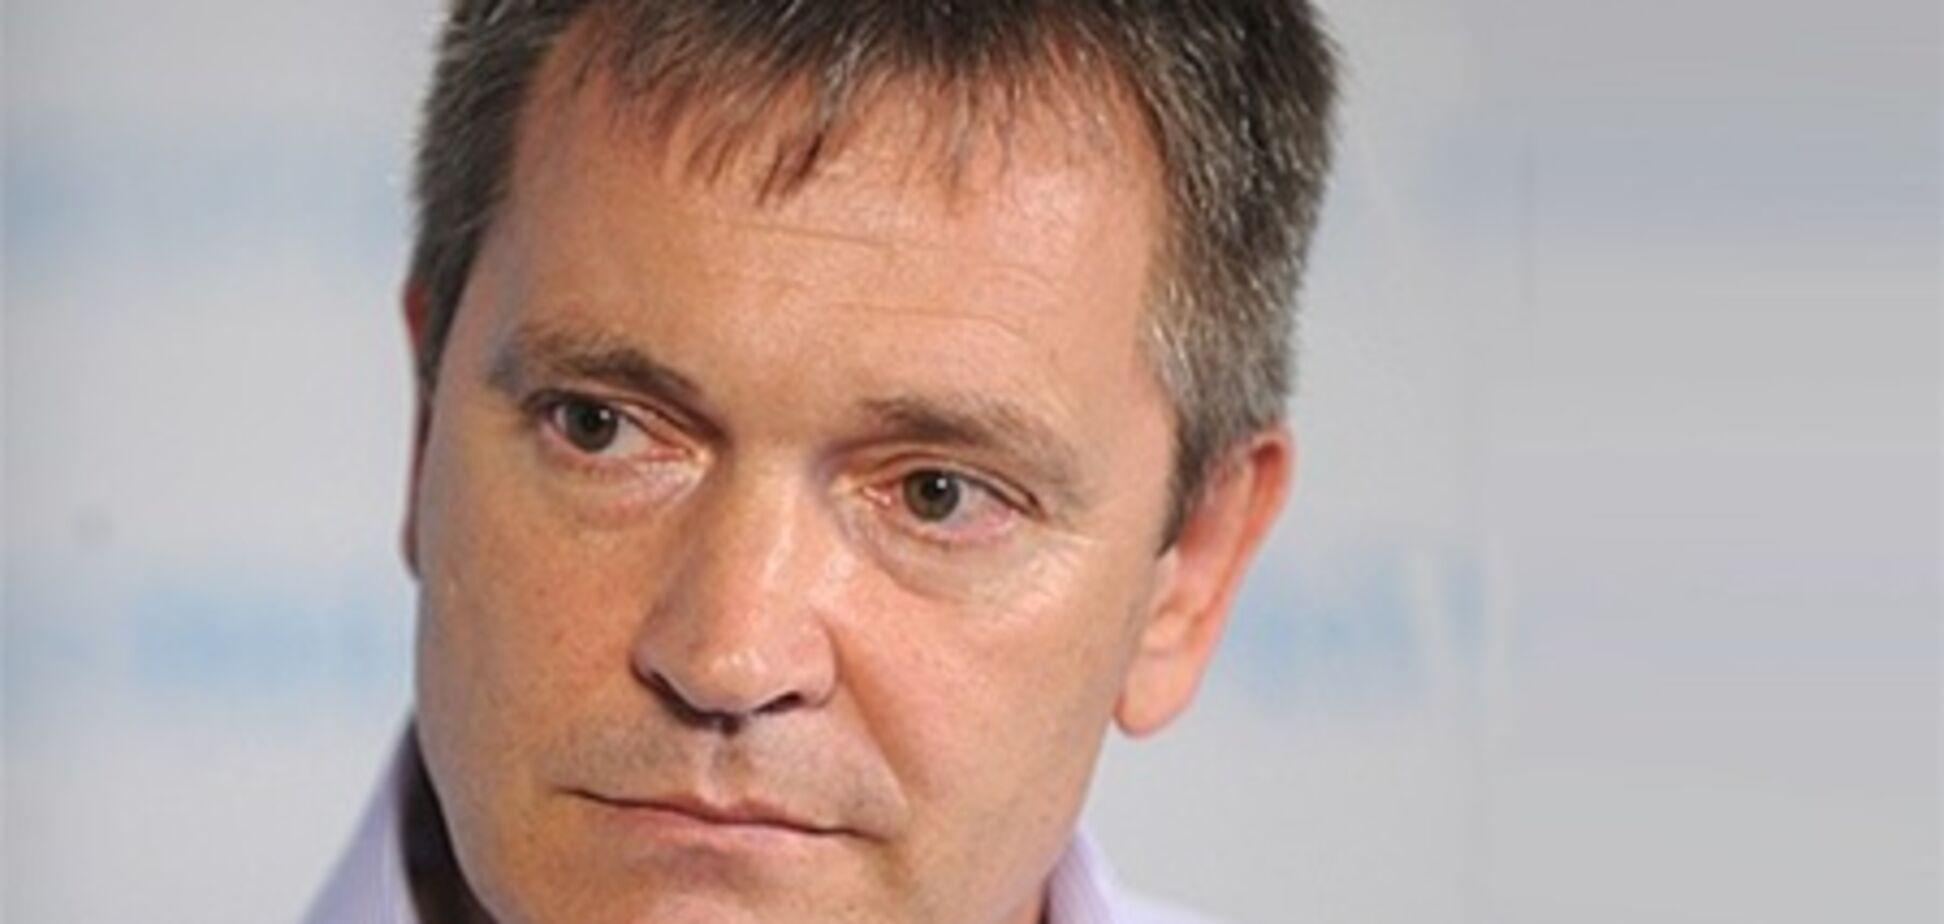 Колесниченко считает, что пора остановить 'жуткую украинизацию'